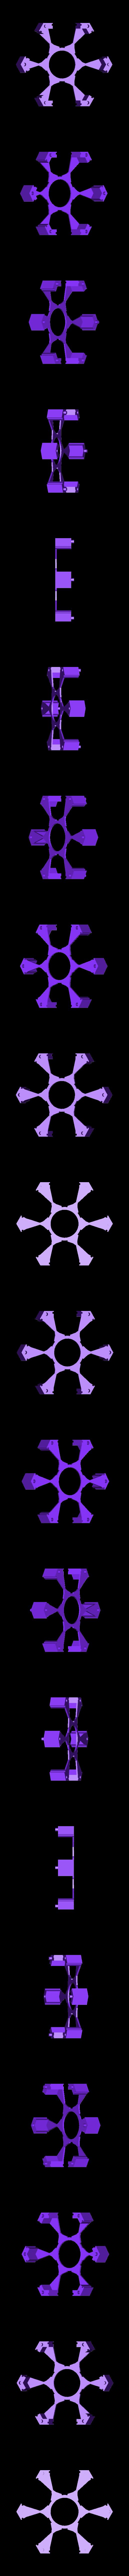 DC_stacking_part.STL Télécharger fichier STL gratuit Dolce Gusto porte-capsules • Modèle pour impression 3D, Yipham